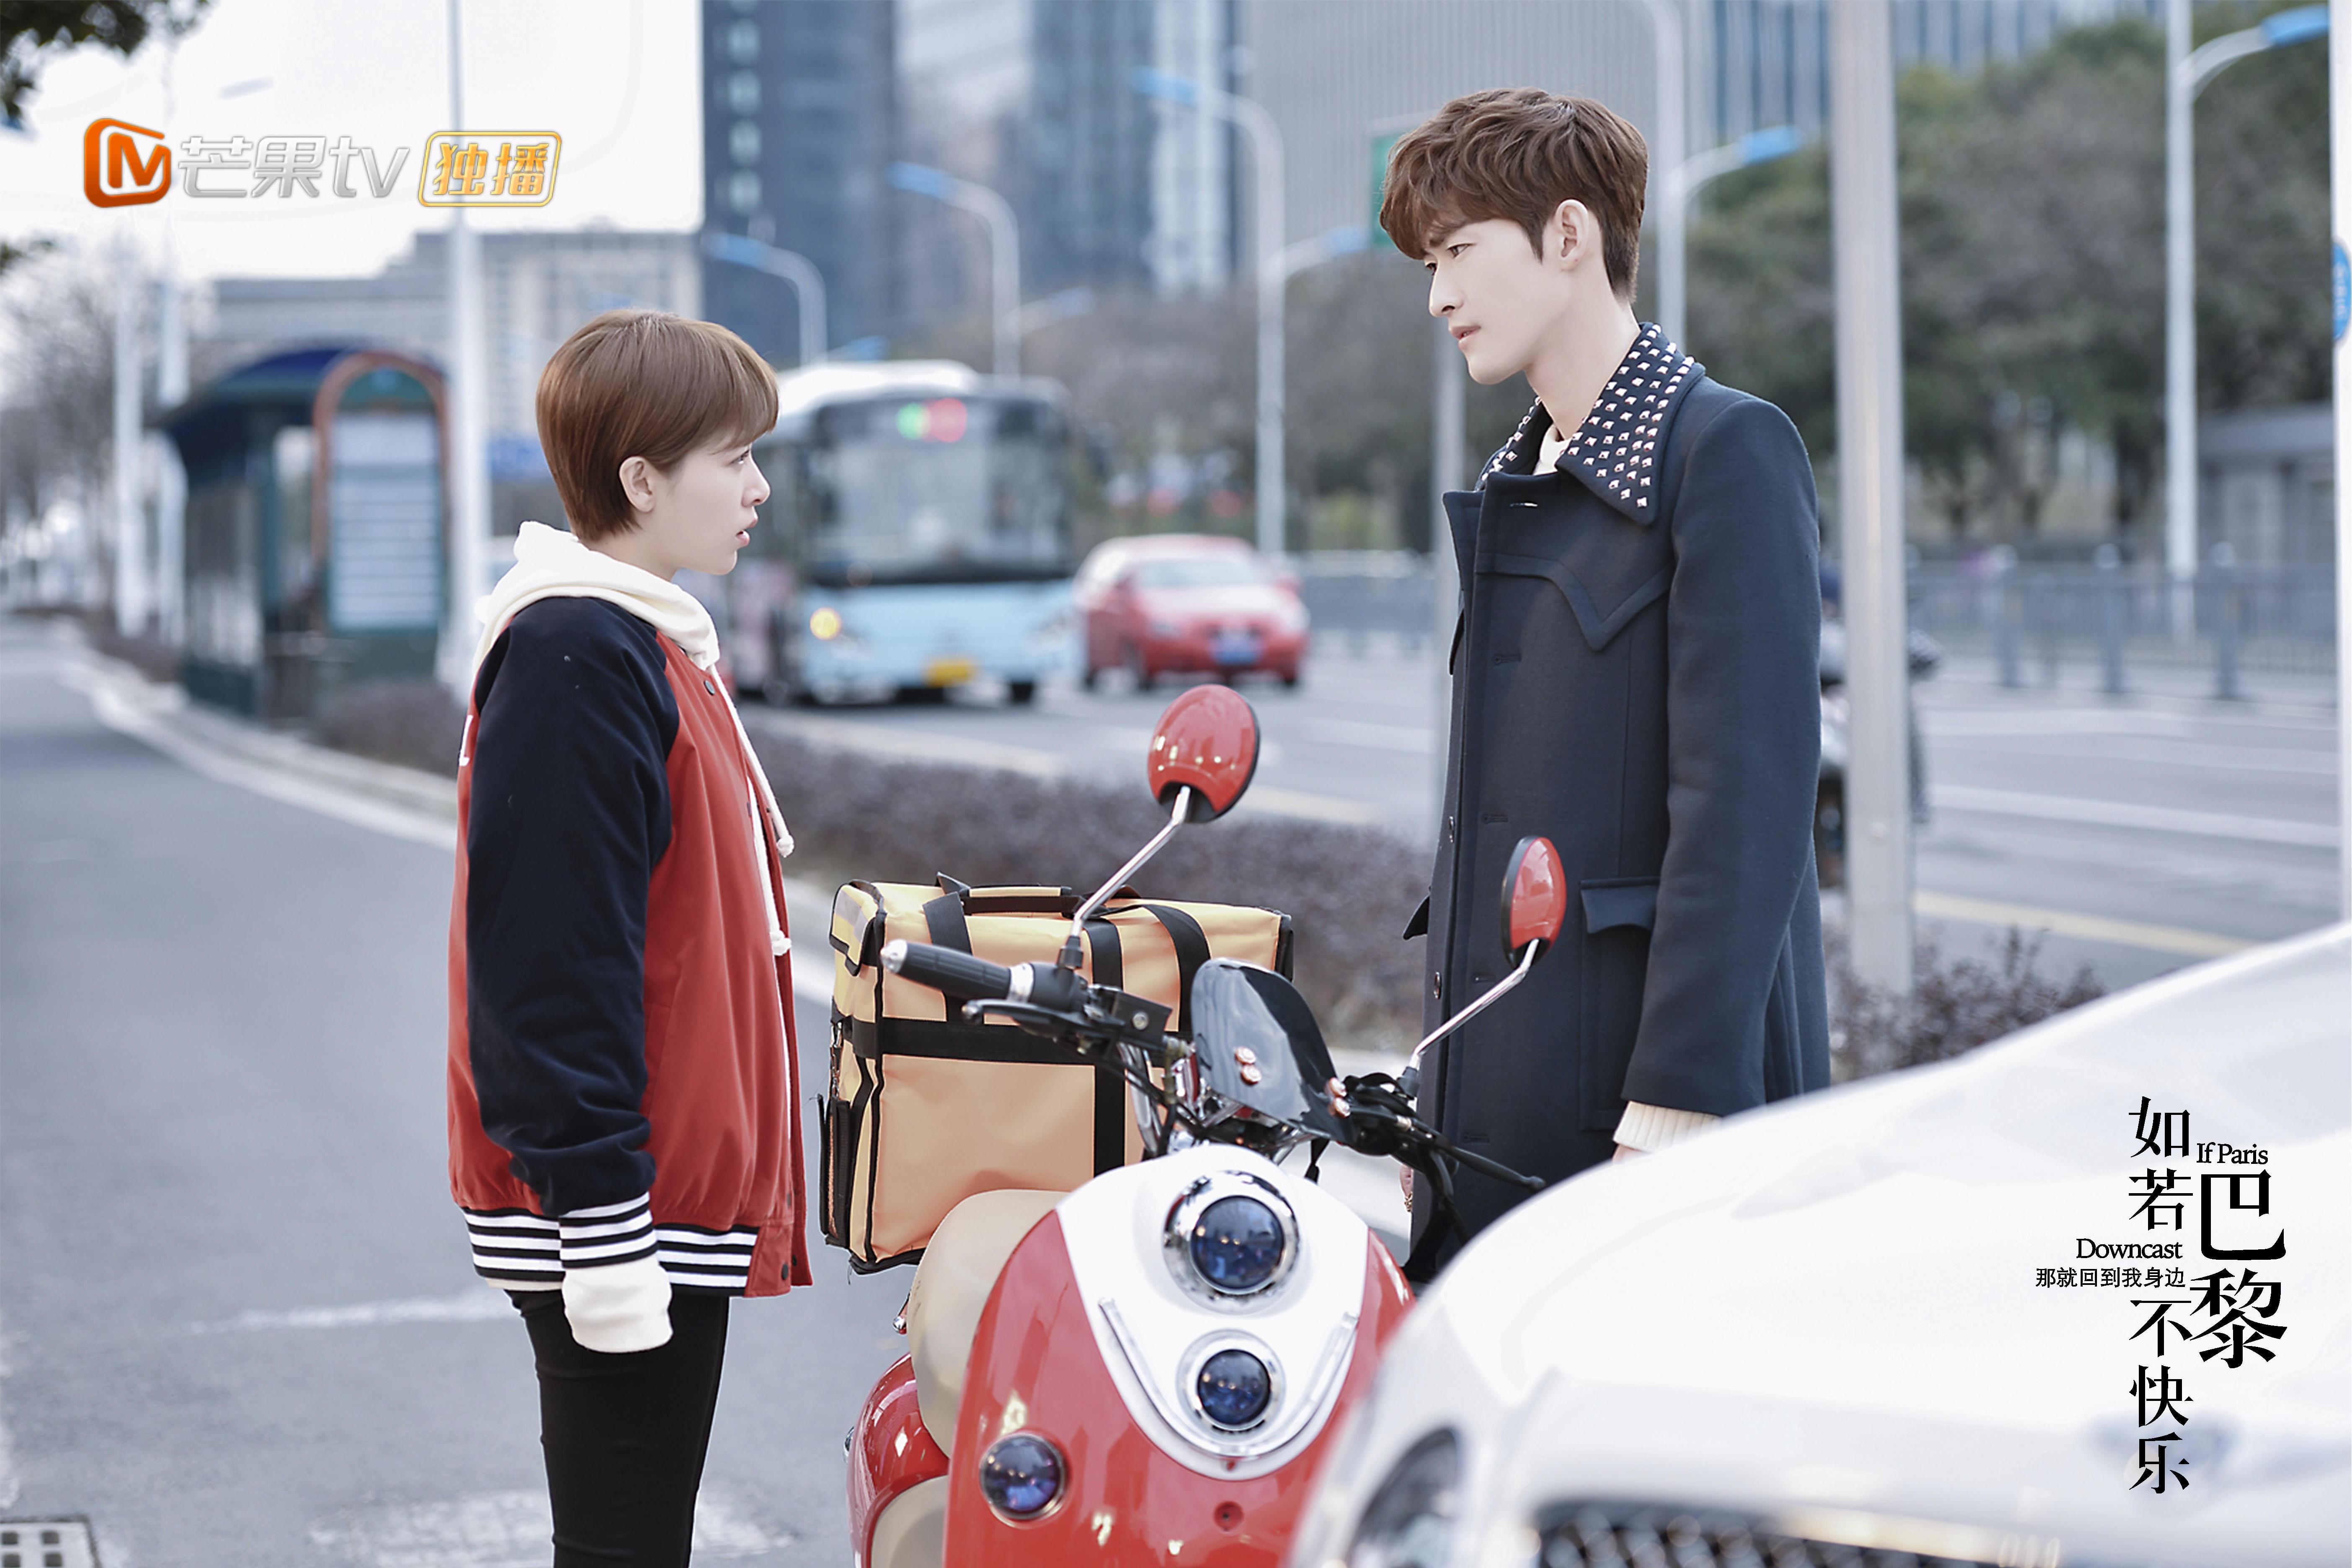 张翰:已恭喜赵丽颖 好久没恋爱结婚前不做伴郎